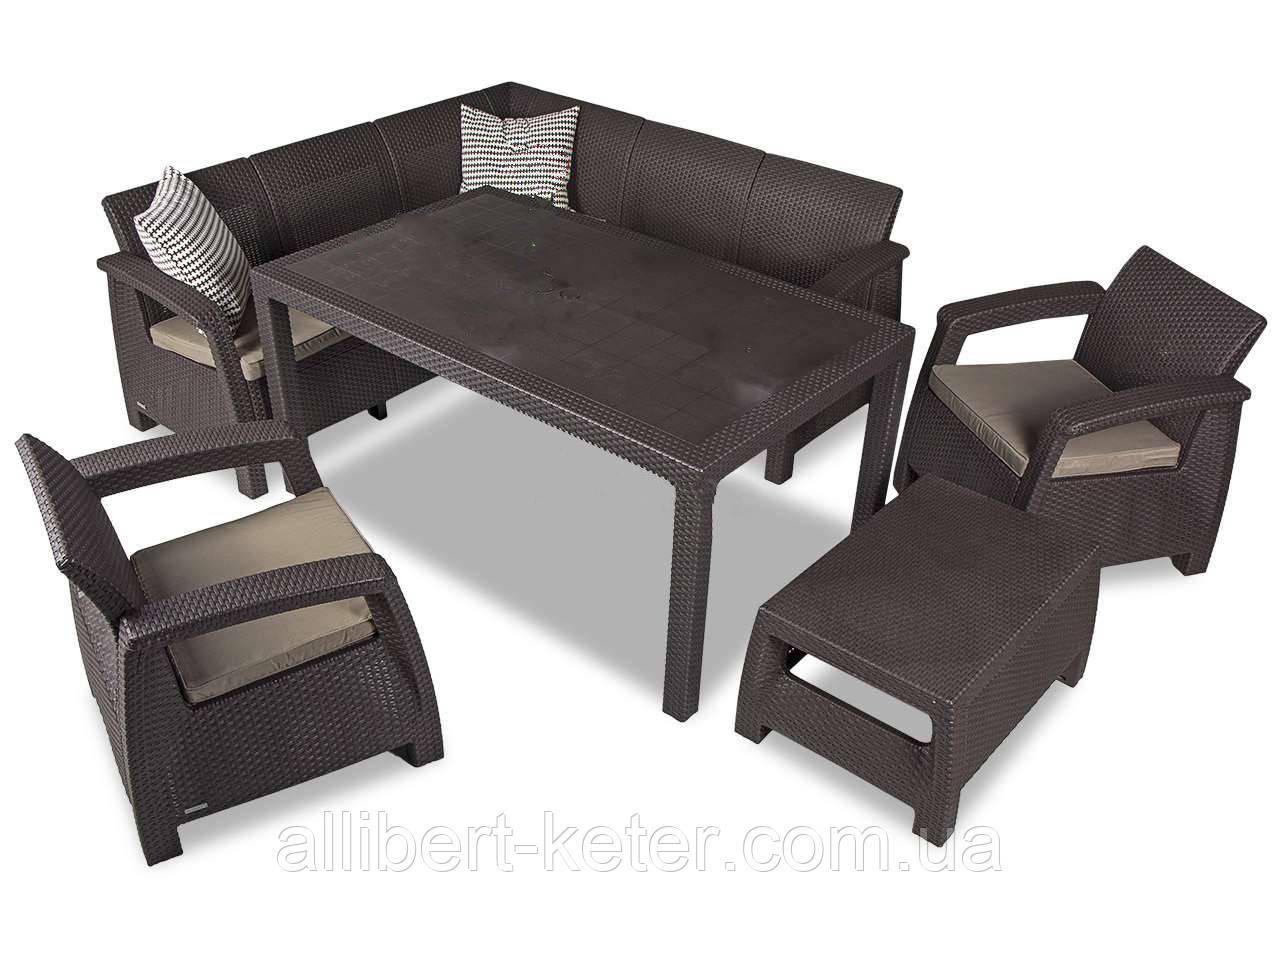 Комплект садових меблів зі штучного ротангу Corfu Dining Duo темно-коричневий (Keter)